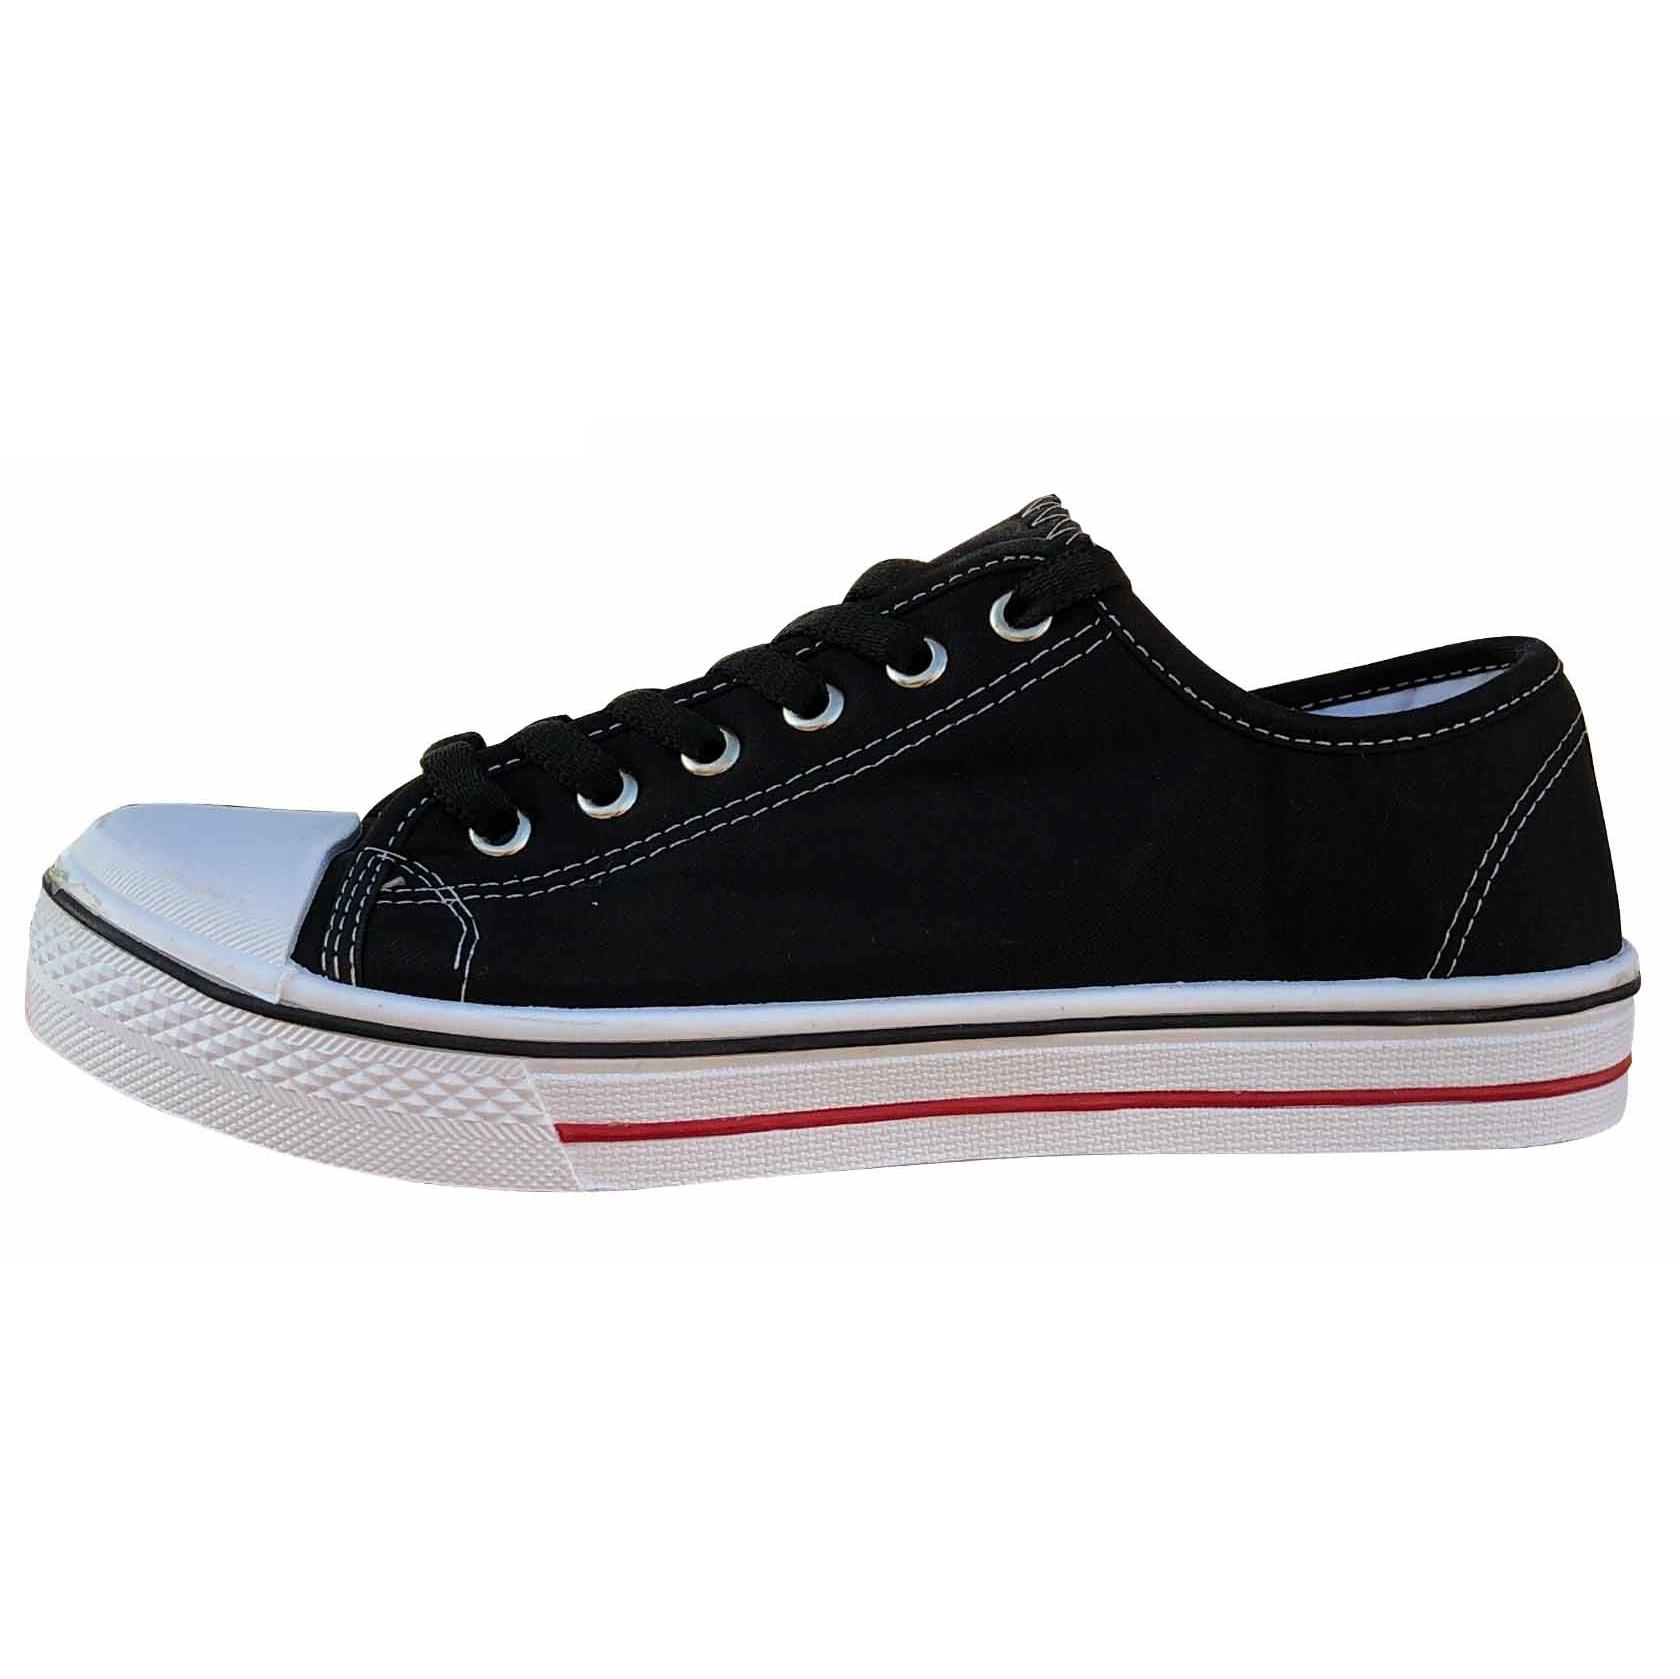 کفش مخصوص پیاده روی مردانه کد 3010